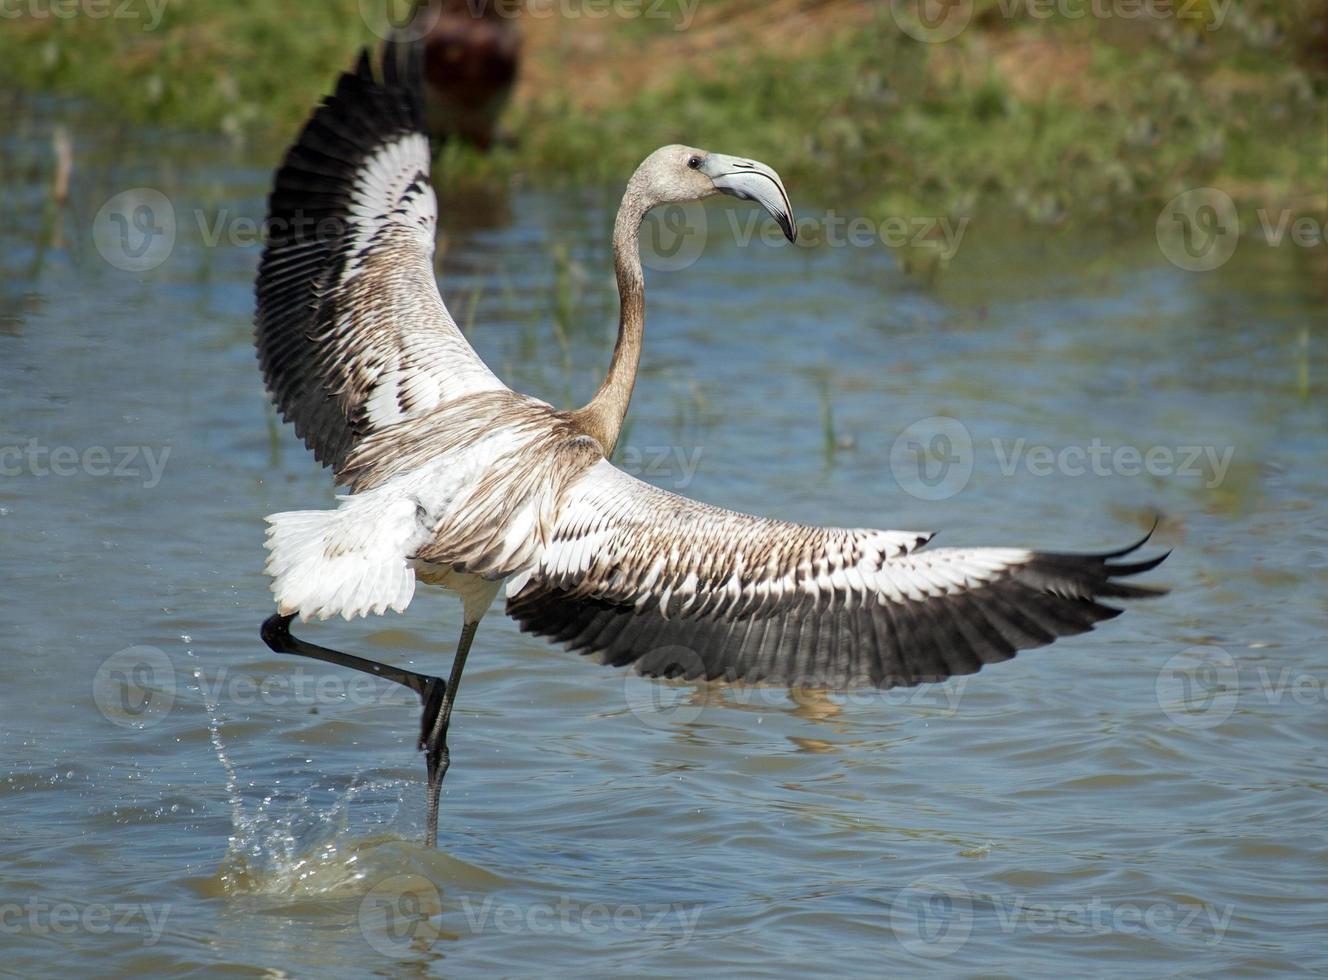 phoenicopterus ruber, jonge flamingo, in natuurlijke omgeving foto